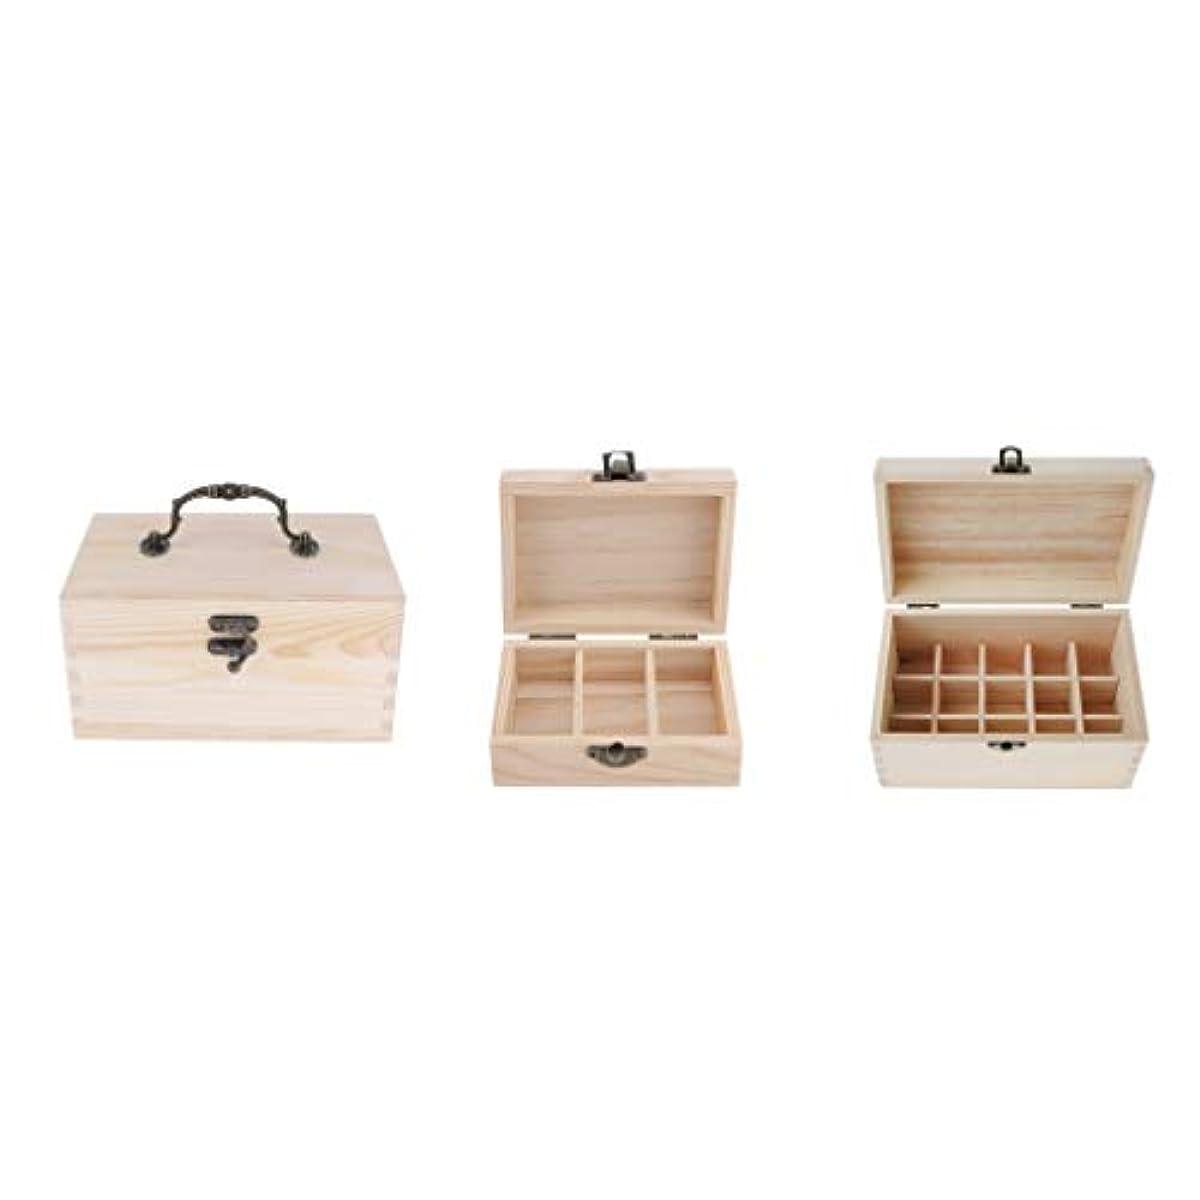 薬荷物影響力のあるHellery 3個入 精油収納ケース 木製 エッセンシャルオイル 収納ボックス 香水収納ケース アロマオイル収納ボックス